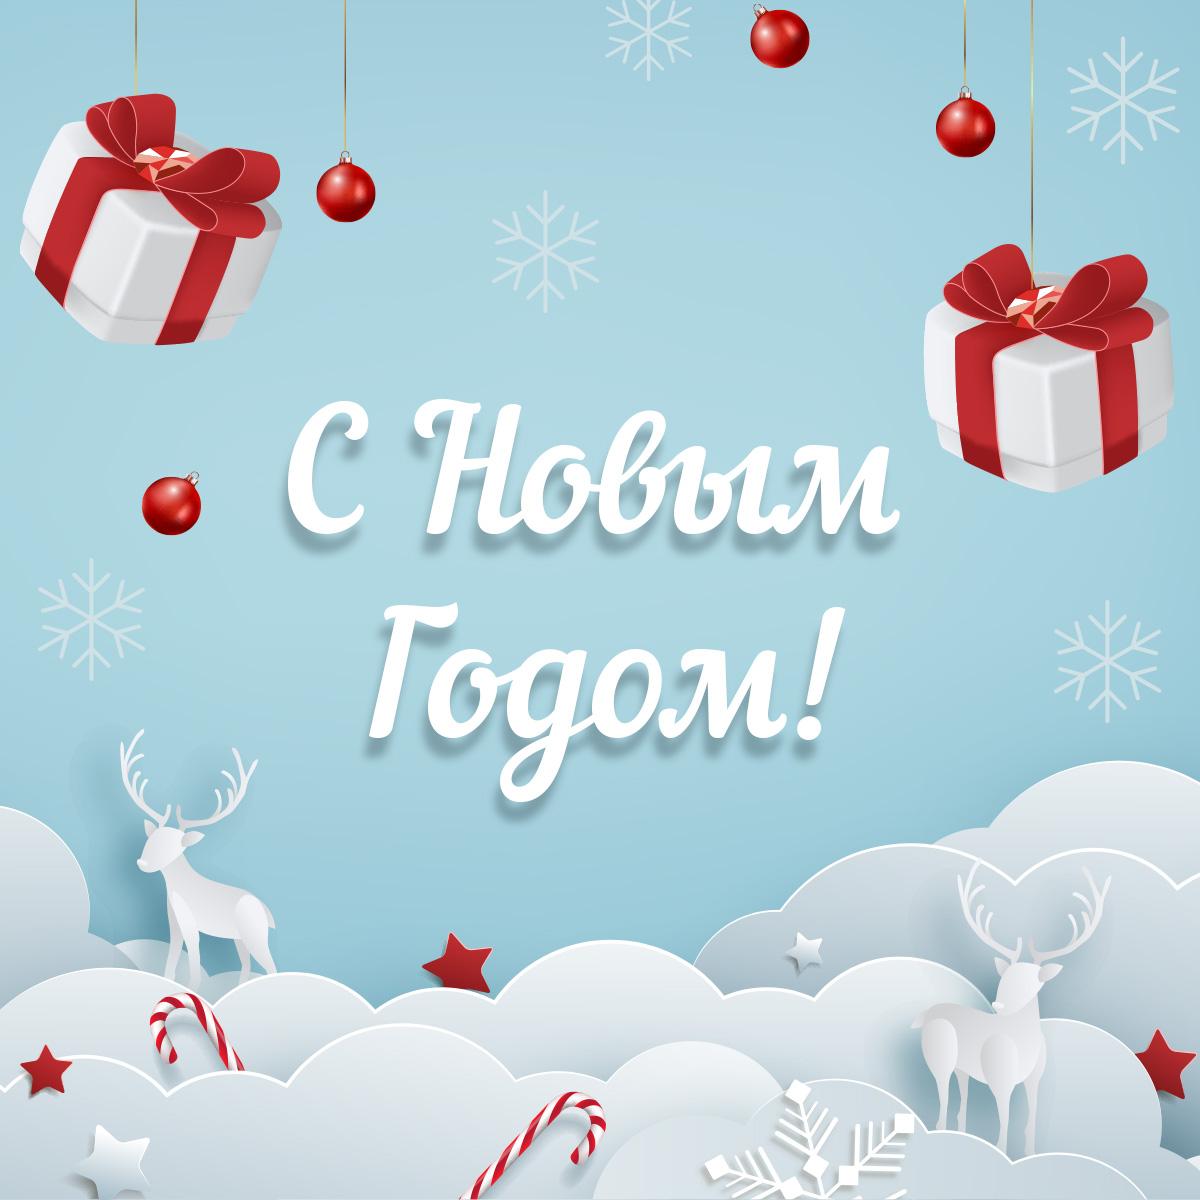 Голубая картинка с текстом с новым годом с зимними сугробами и подарками.